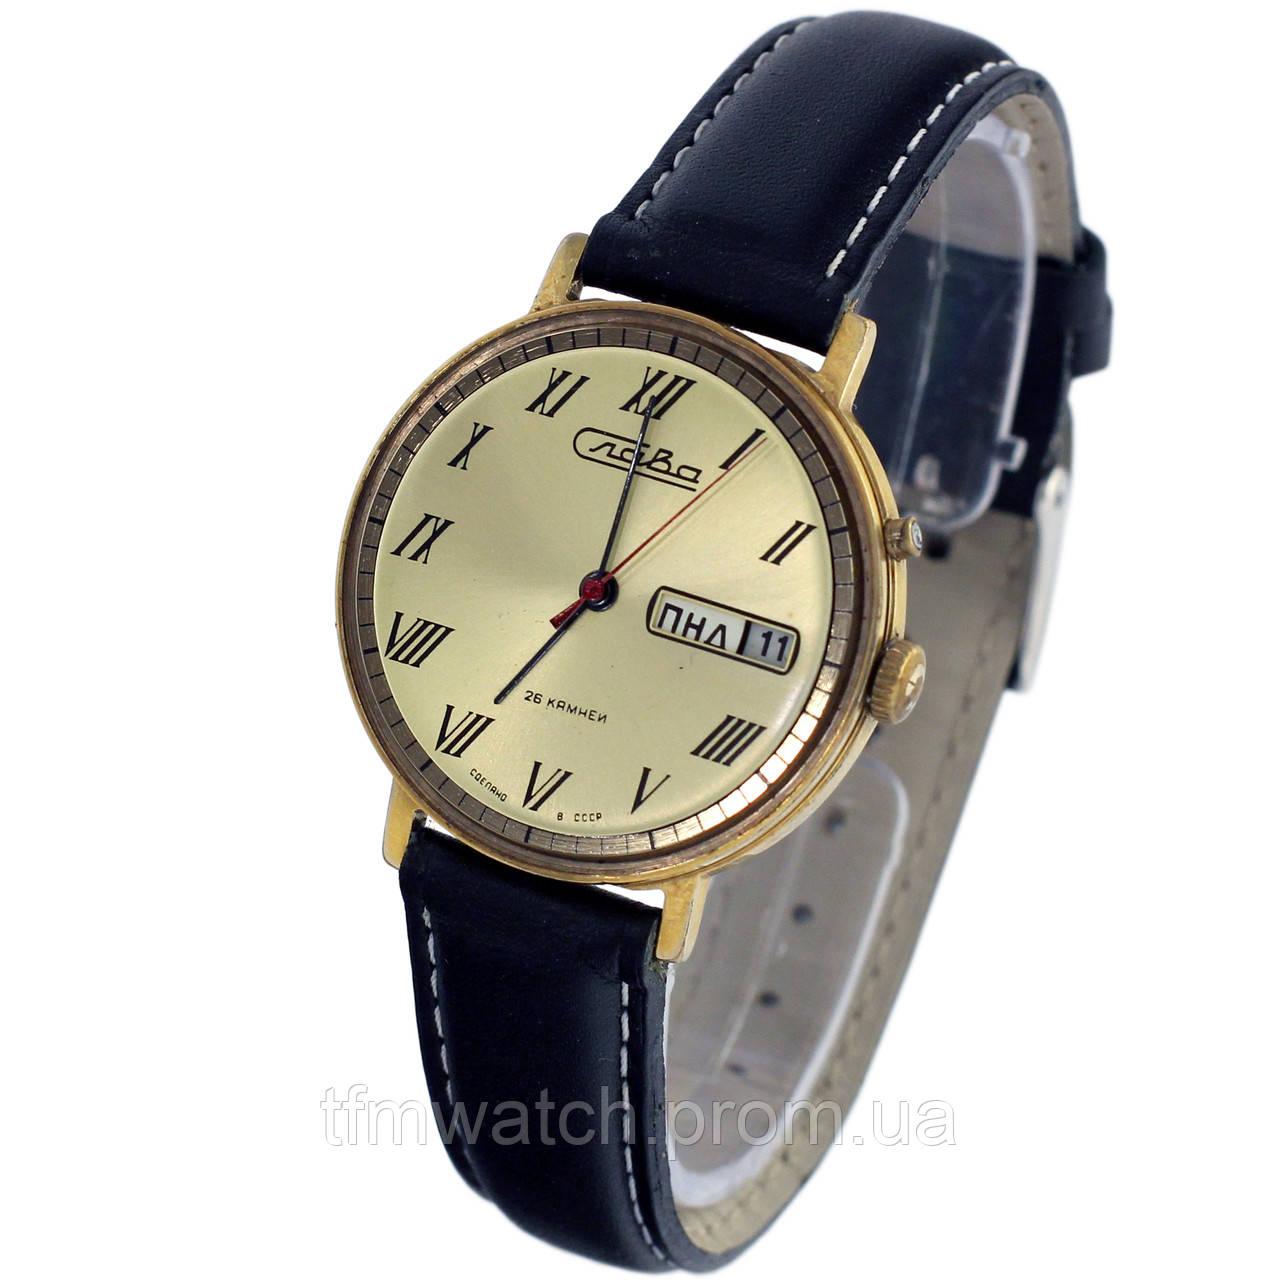 Часов ссср камни из продать в часы хочу дорогие москве продать